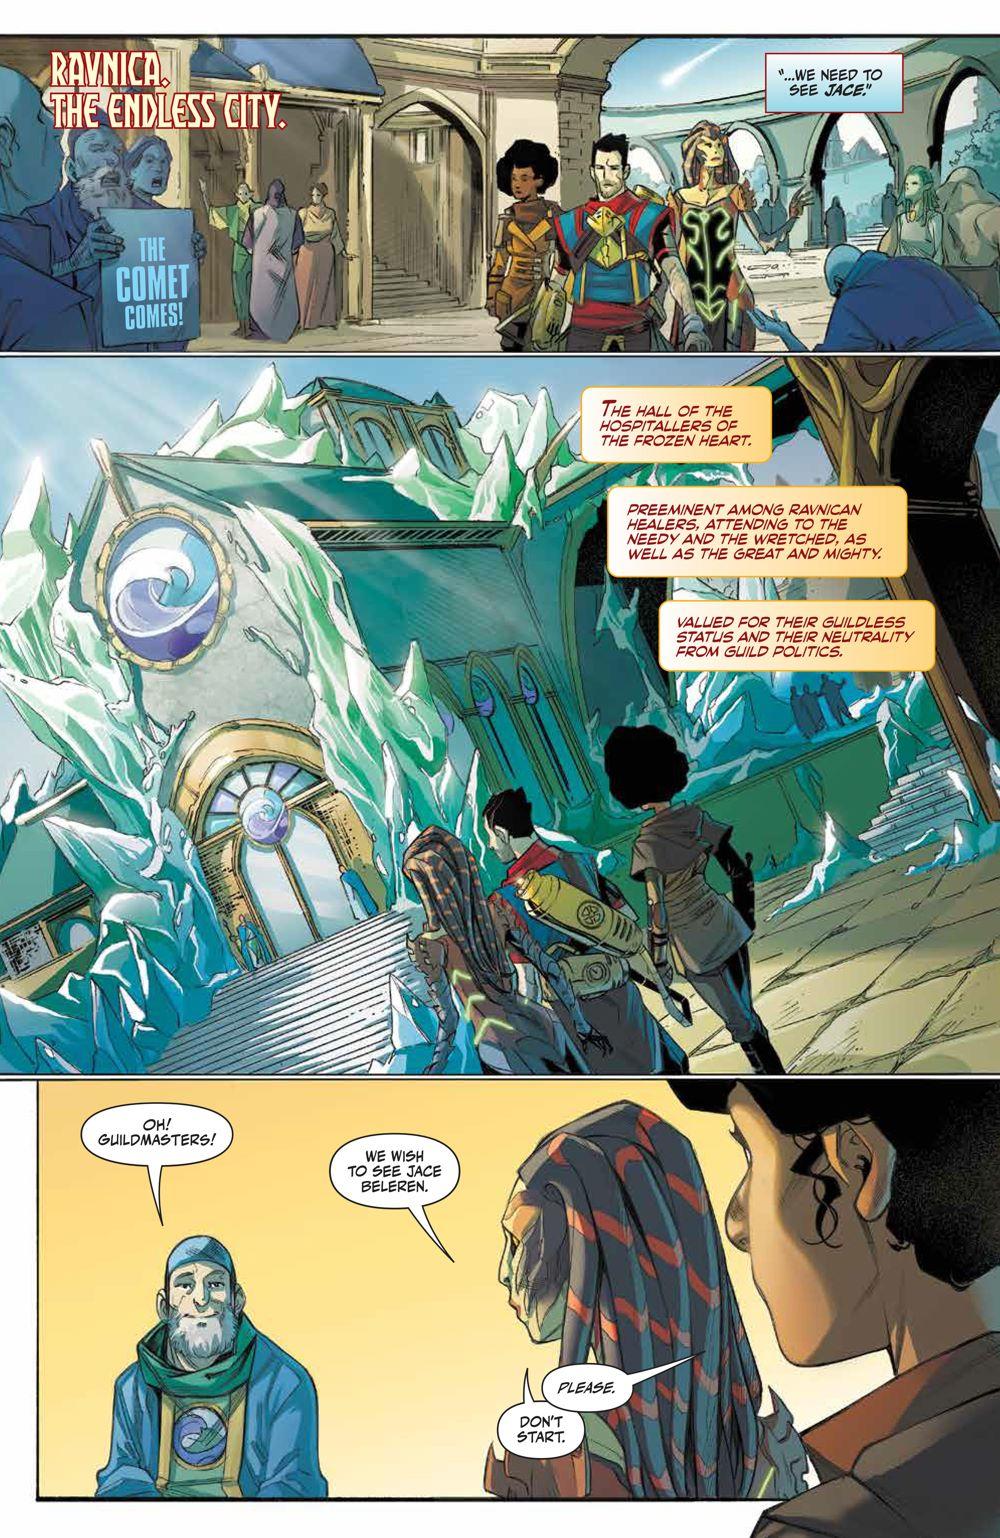 Magic_002_PRESS_6 ComicList Previews: MAGIC #2